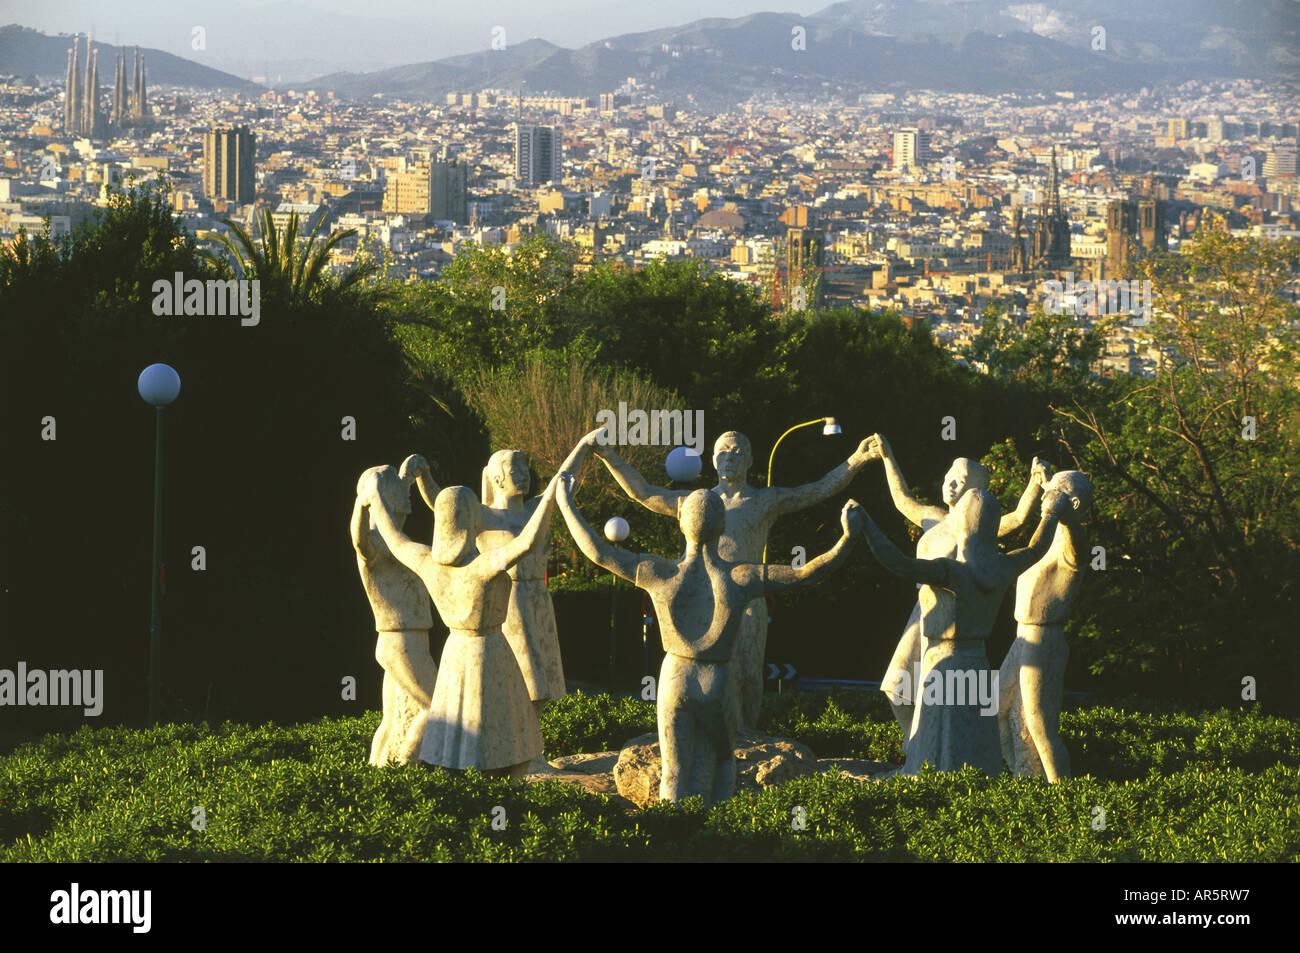 Monumento, Monumento a la Sarda, la collina di Montjuic, Barcellona, in Catalogna, Spagna Immagini Stock